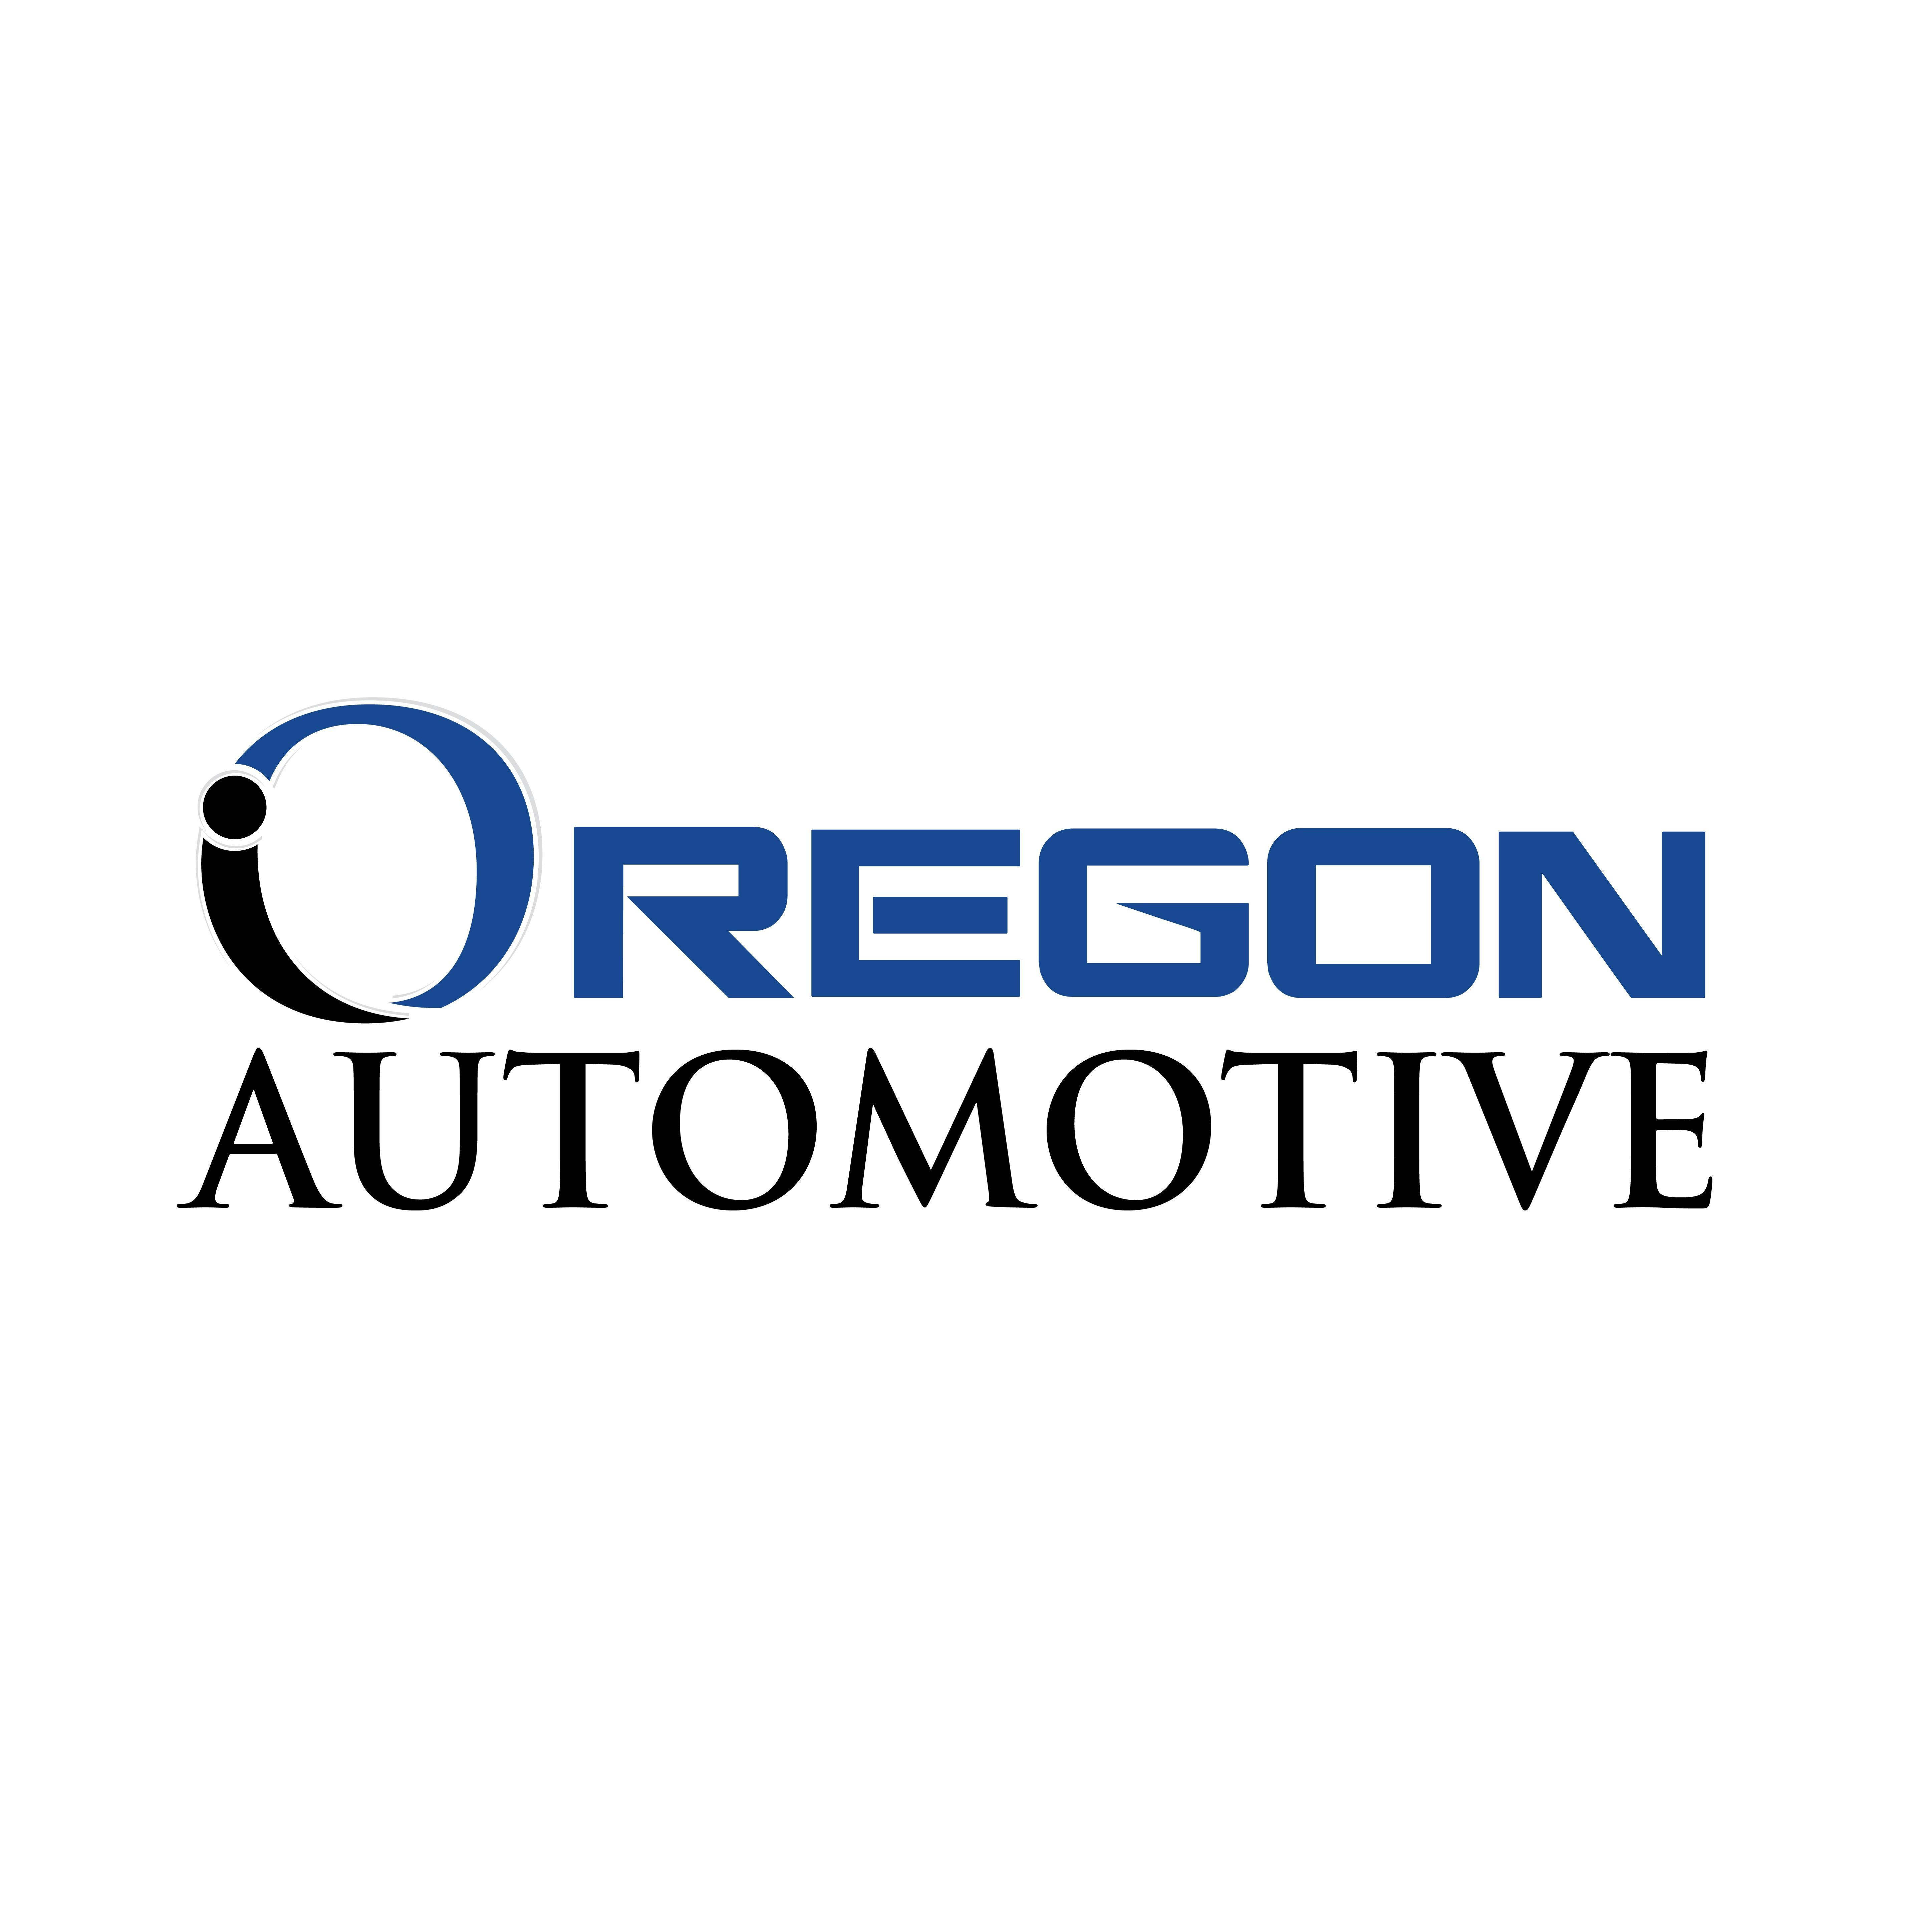 Oregon Automotive image 6